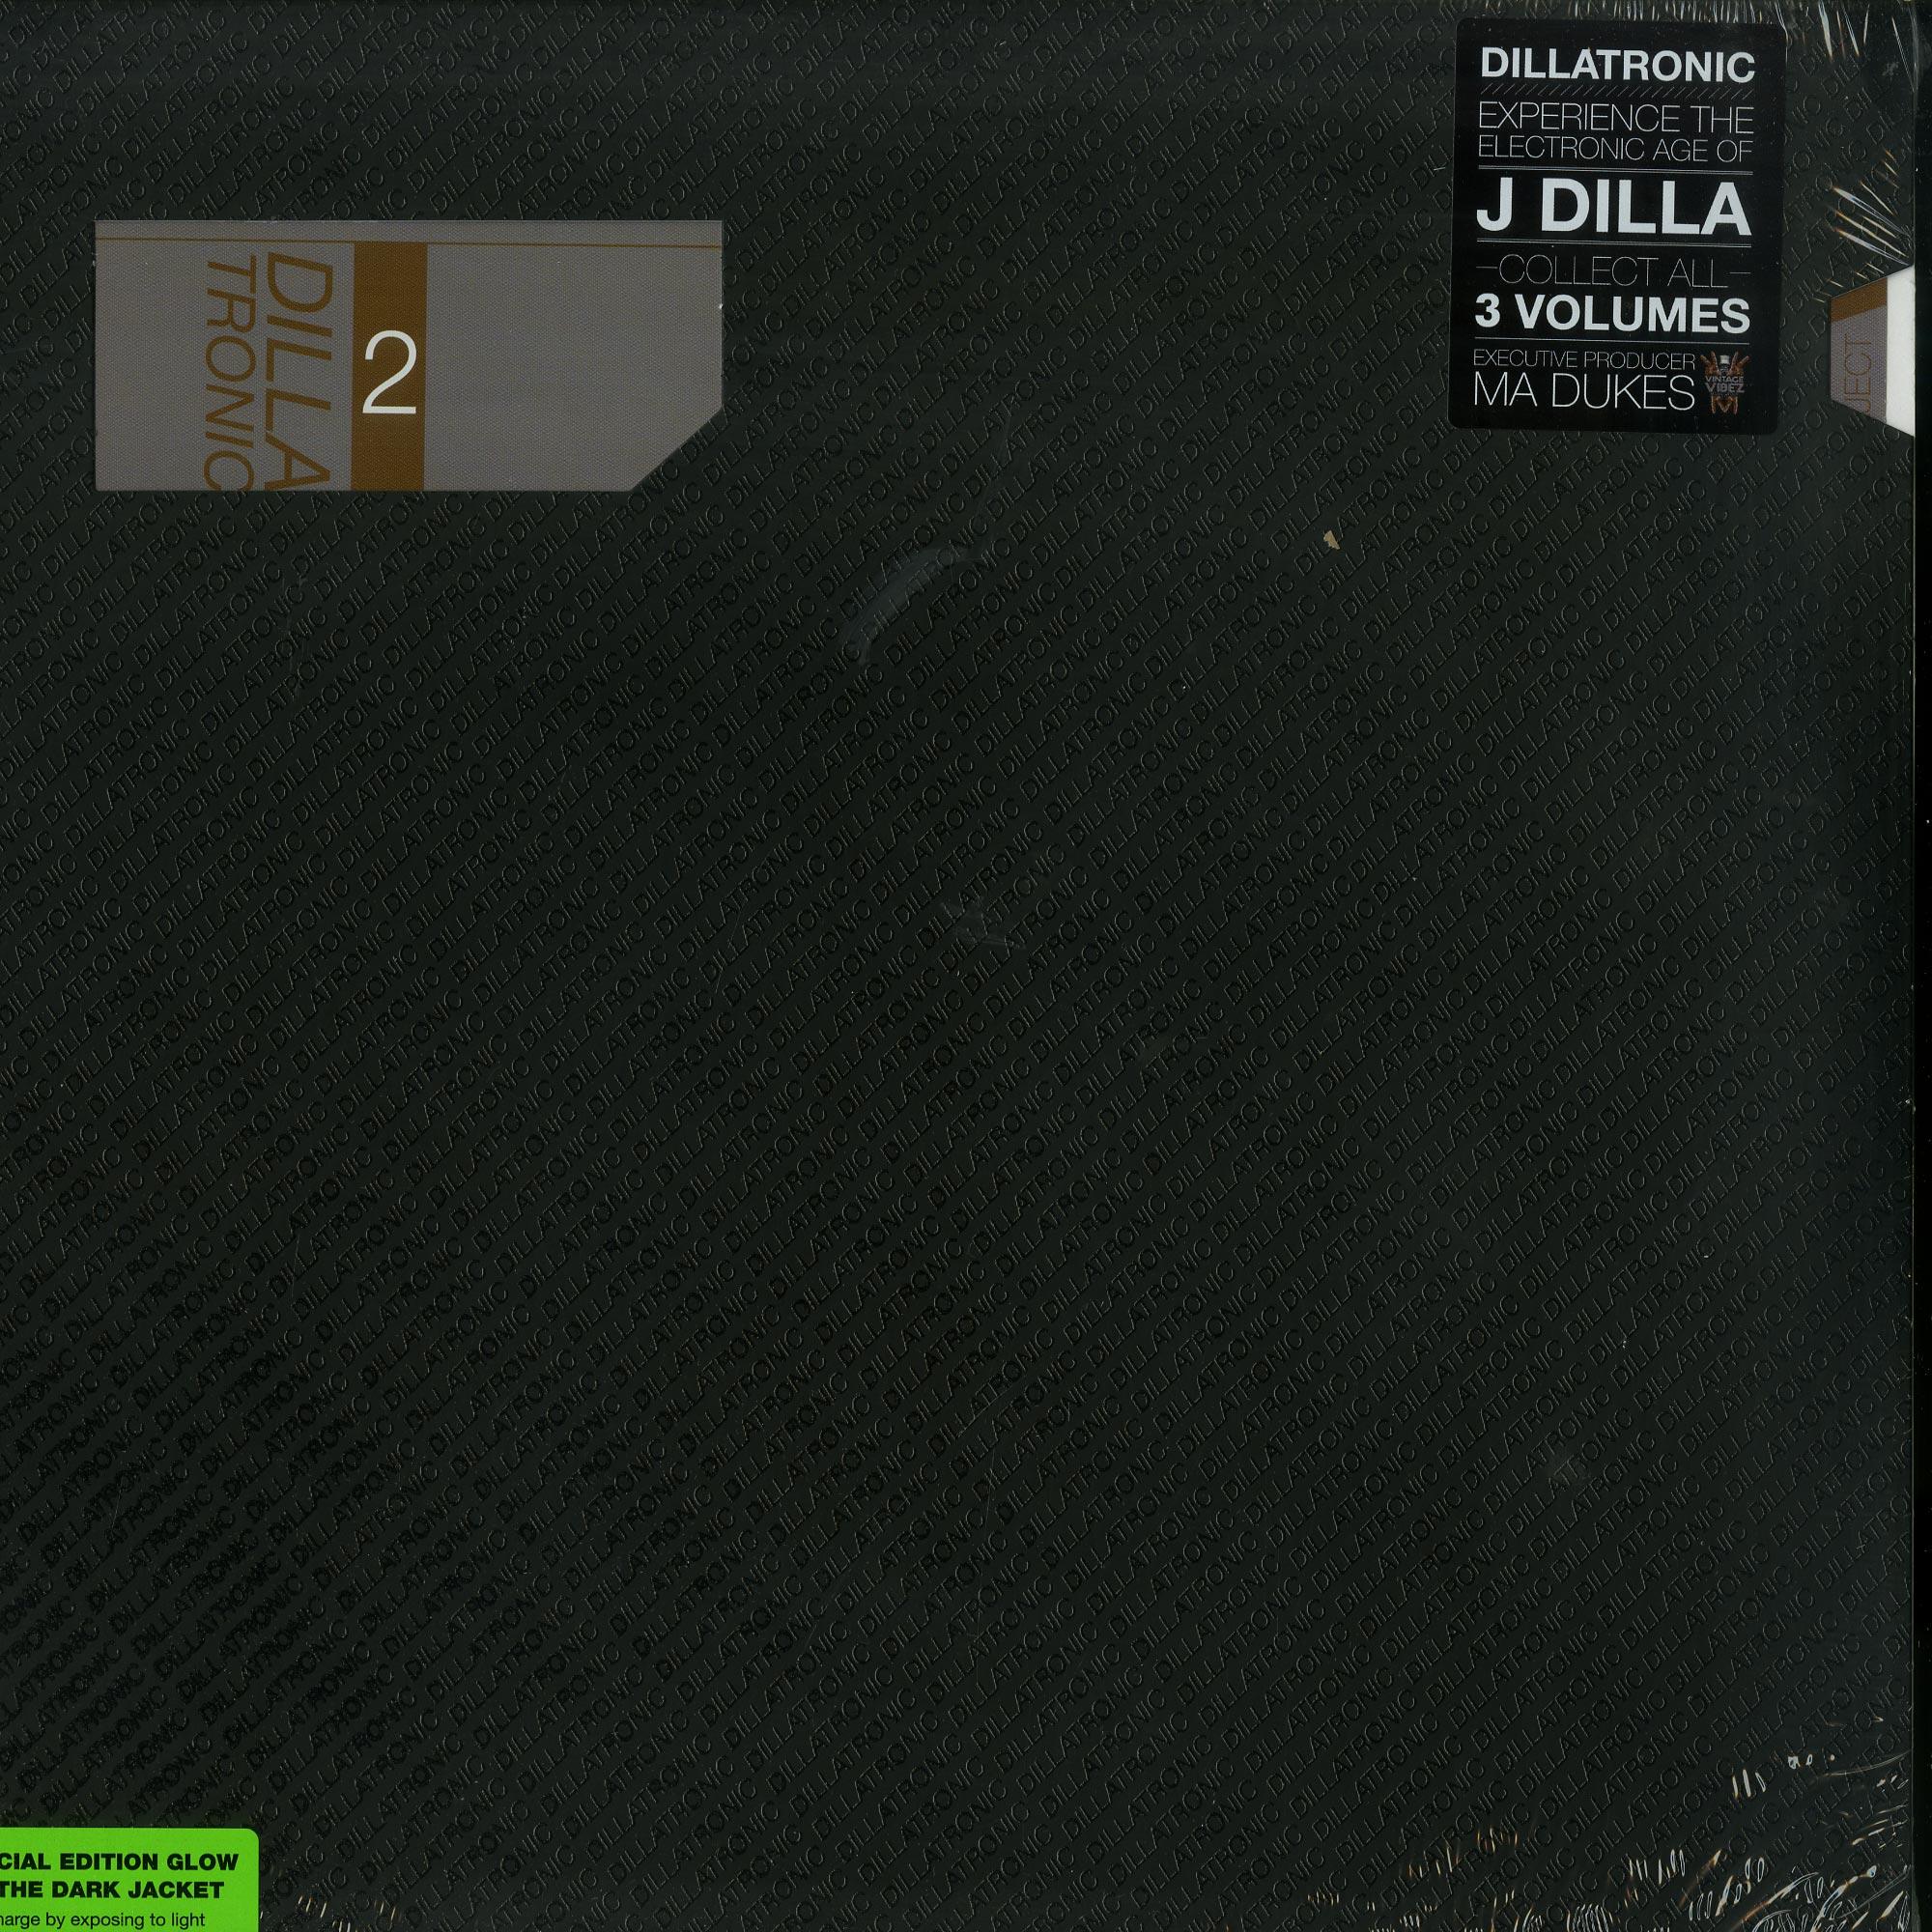 J Dilla - DILLATRONIC VOL.2